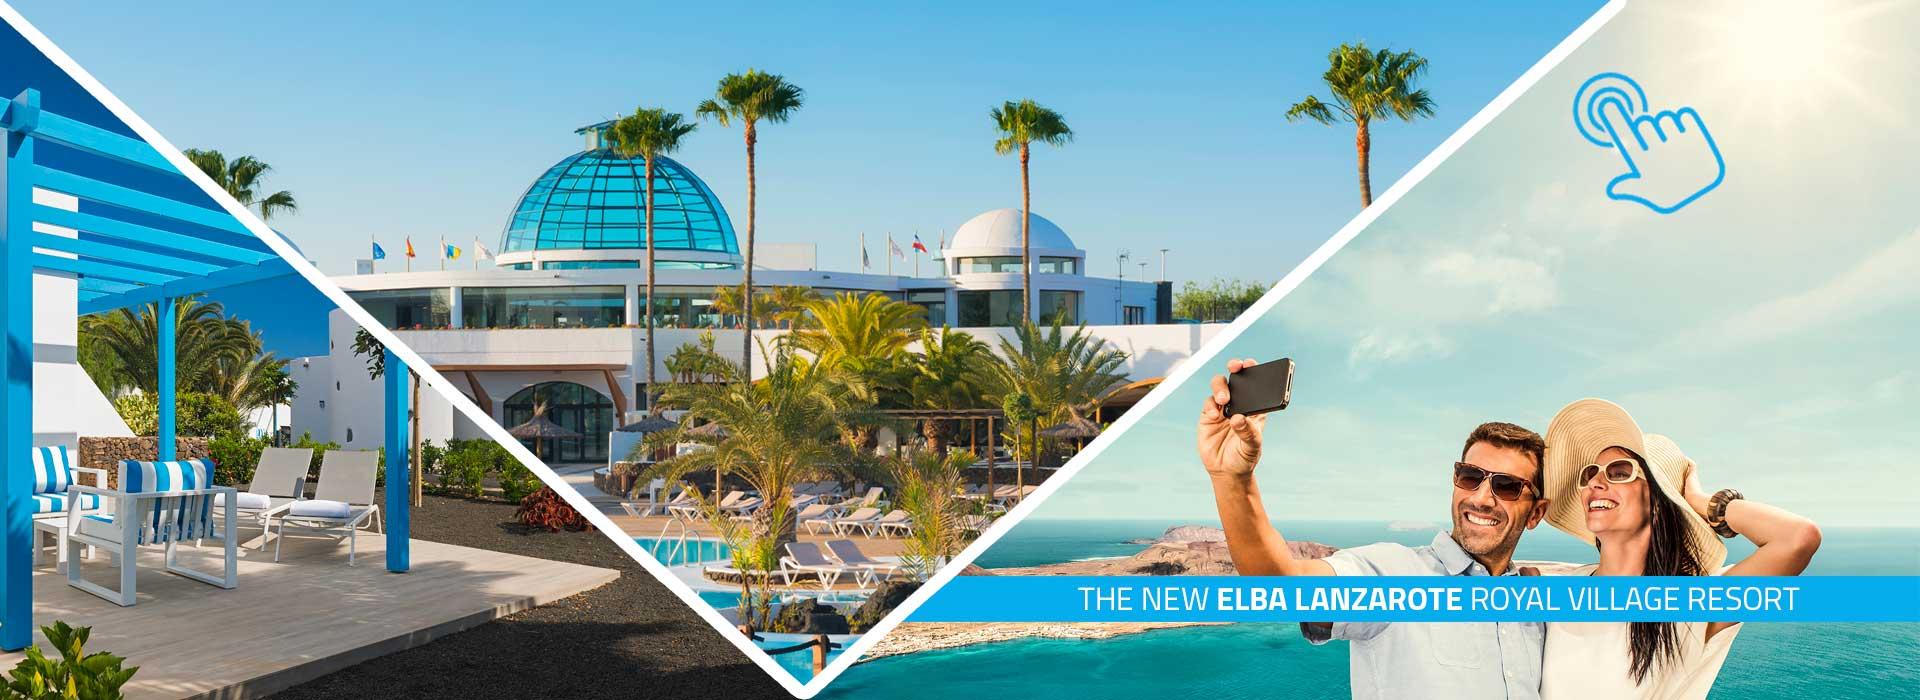 The new elba lanzarote royal village resort